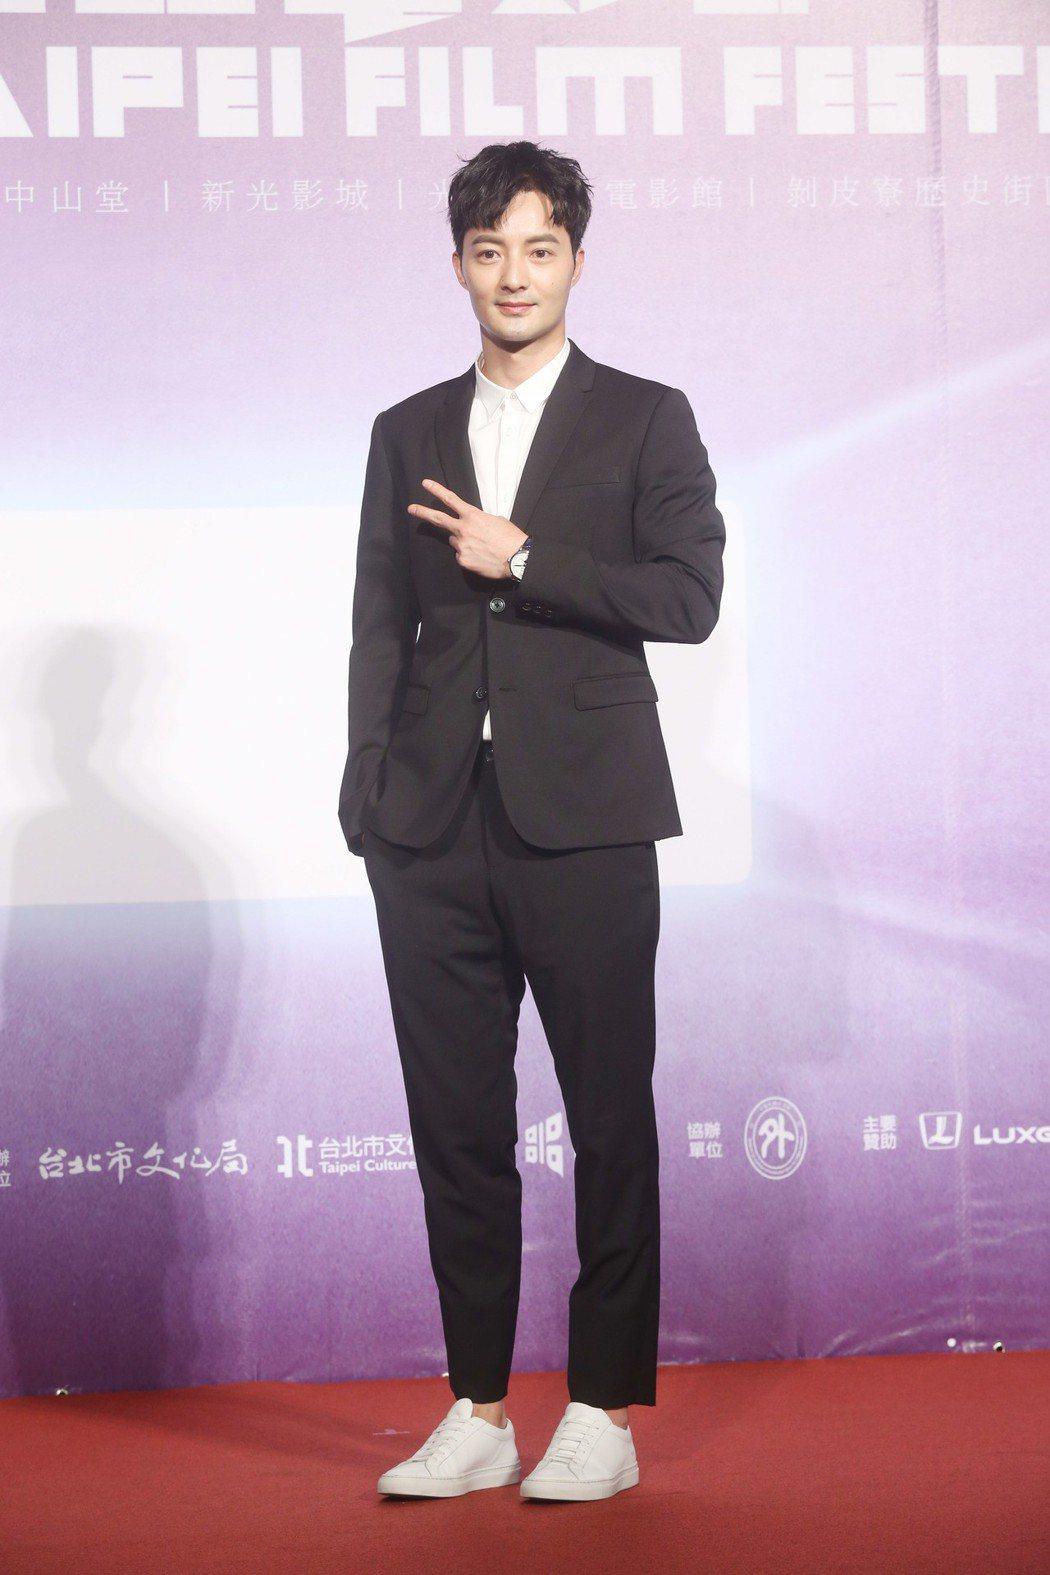 台北電影節開幕片《范保德》舉行亞洲首映記者會,演員古斌出席。記者邱德祥/攝影